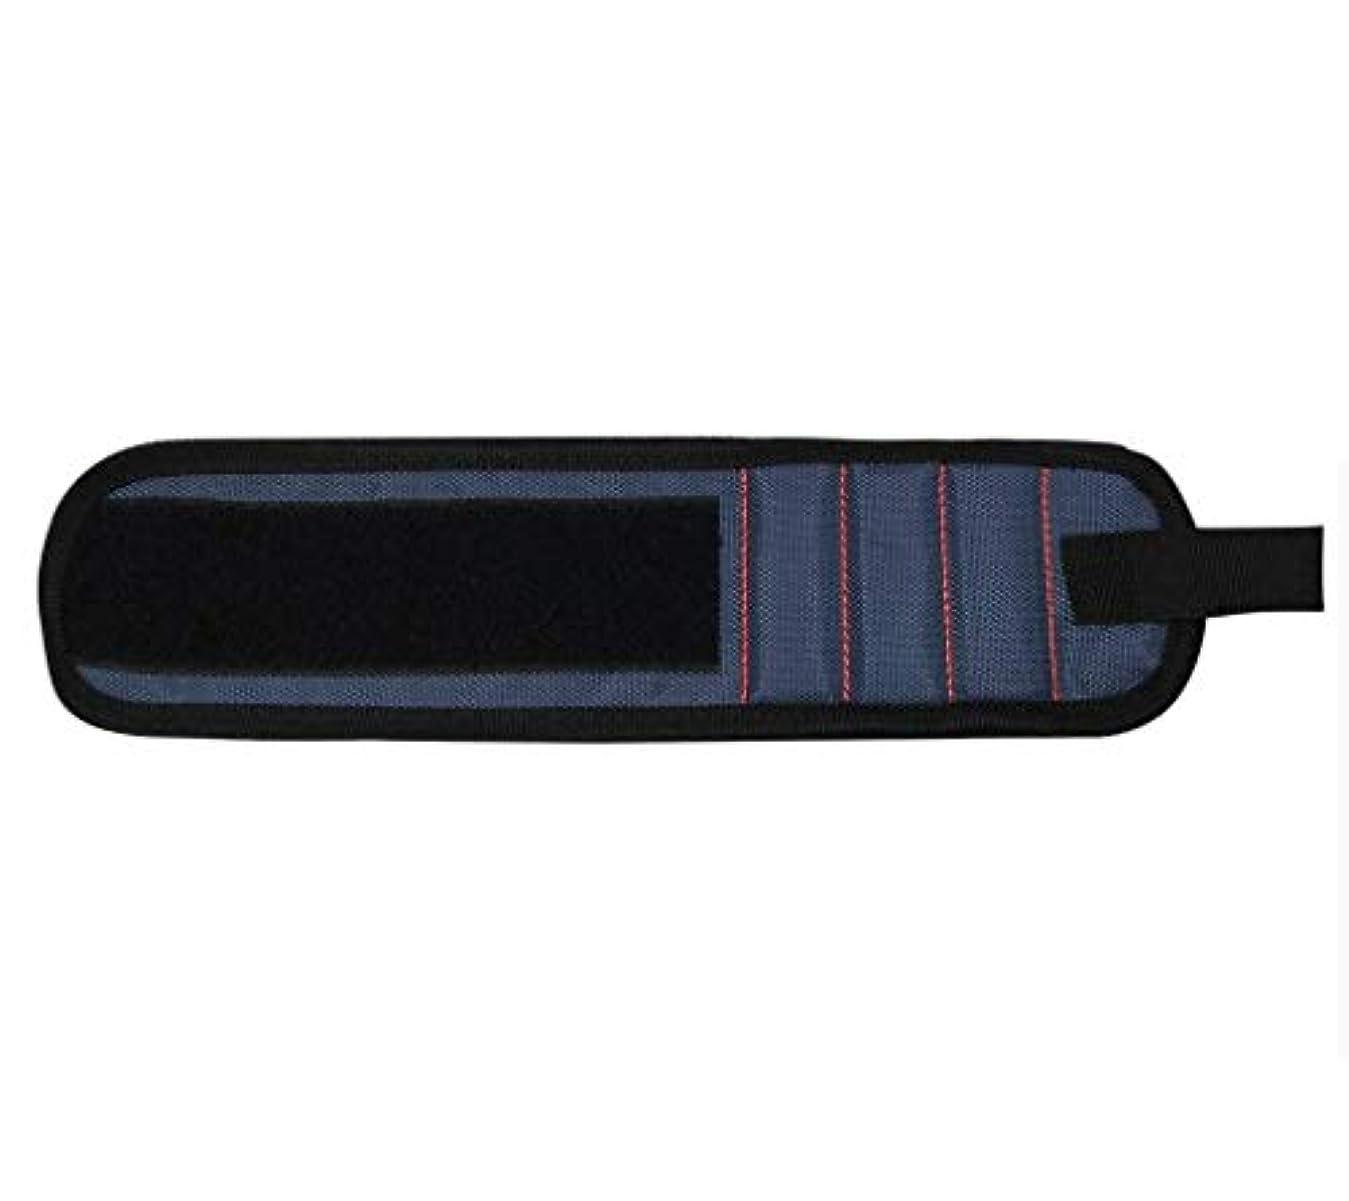 観光に行く海上コミットHYCy® キャンプハイキング磁気リストバンドポータブル多機能屋外修復ツールホルダーEDC電気腕時計ベルト(青/赤/黒),Blue